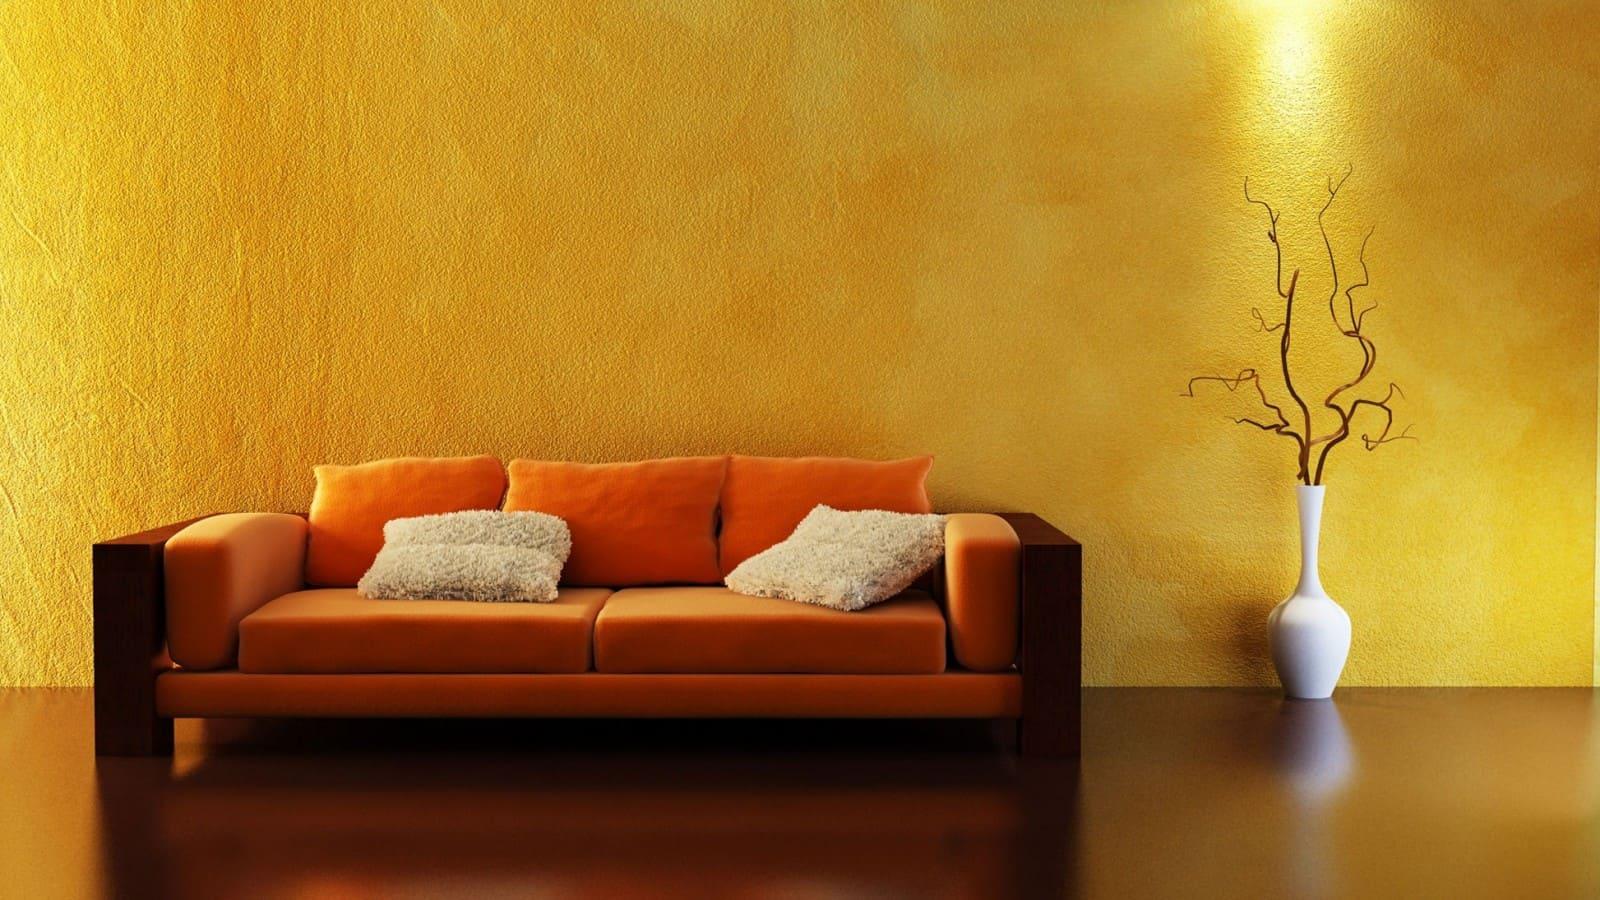 Декоративная штукатурка - лучшие красивые варианты отделки стен в интерьере 006